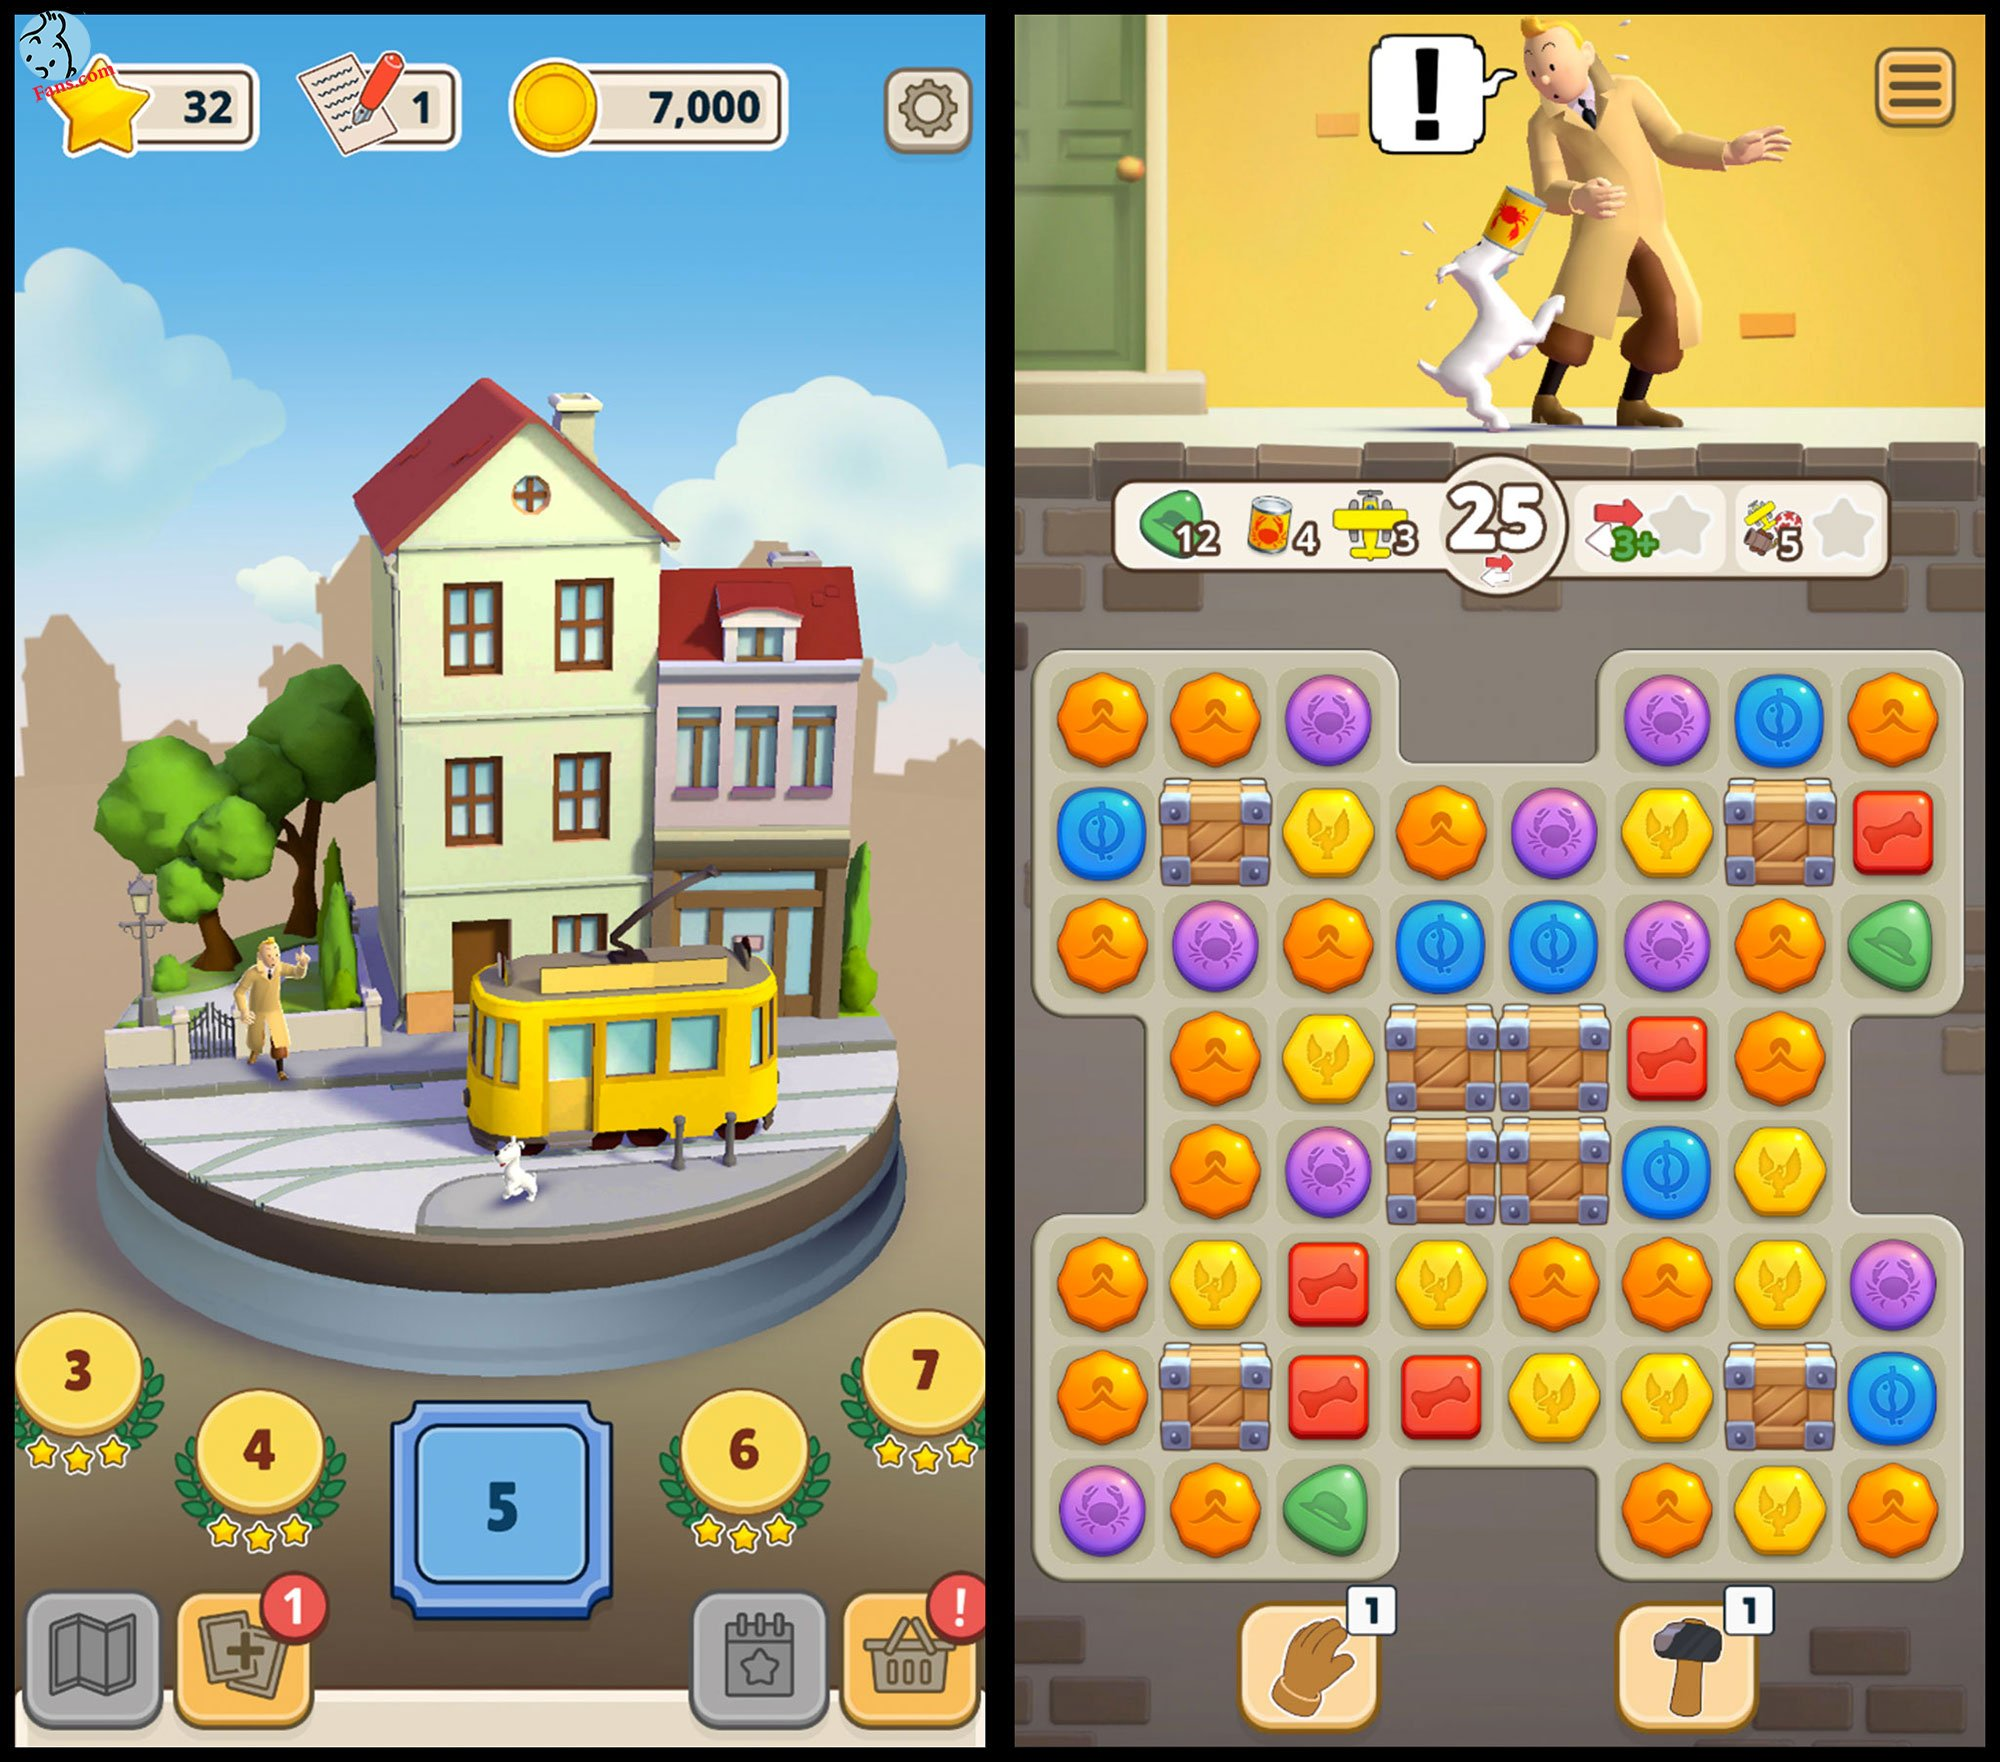 بازی جدیدی از تن تن برای موبایل و تبلت